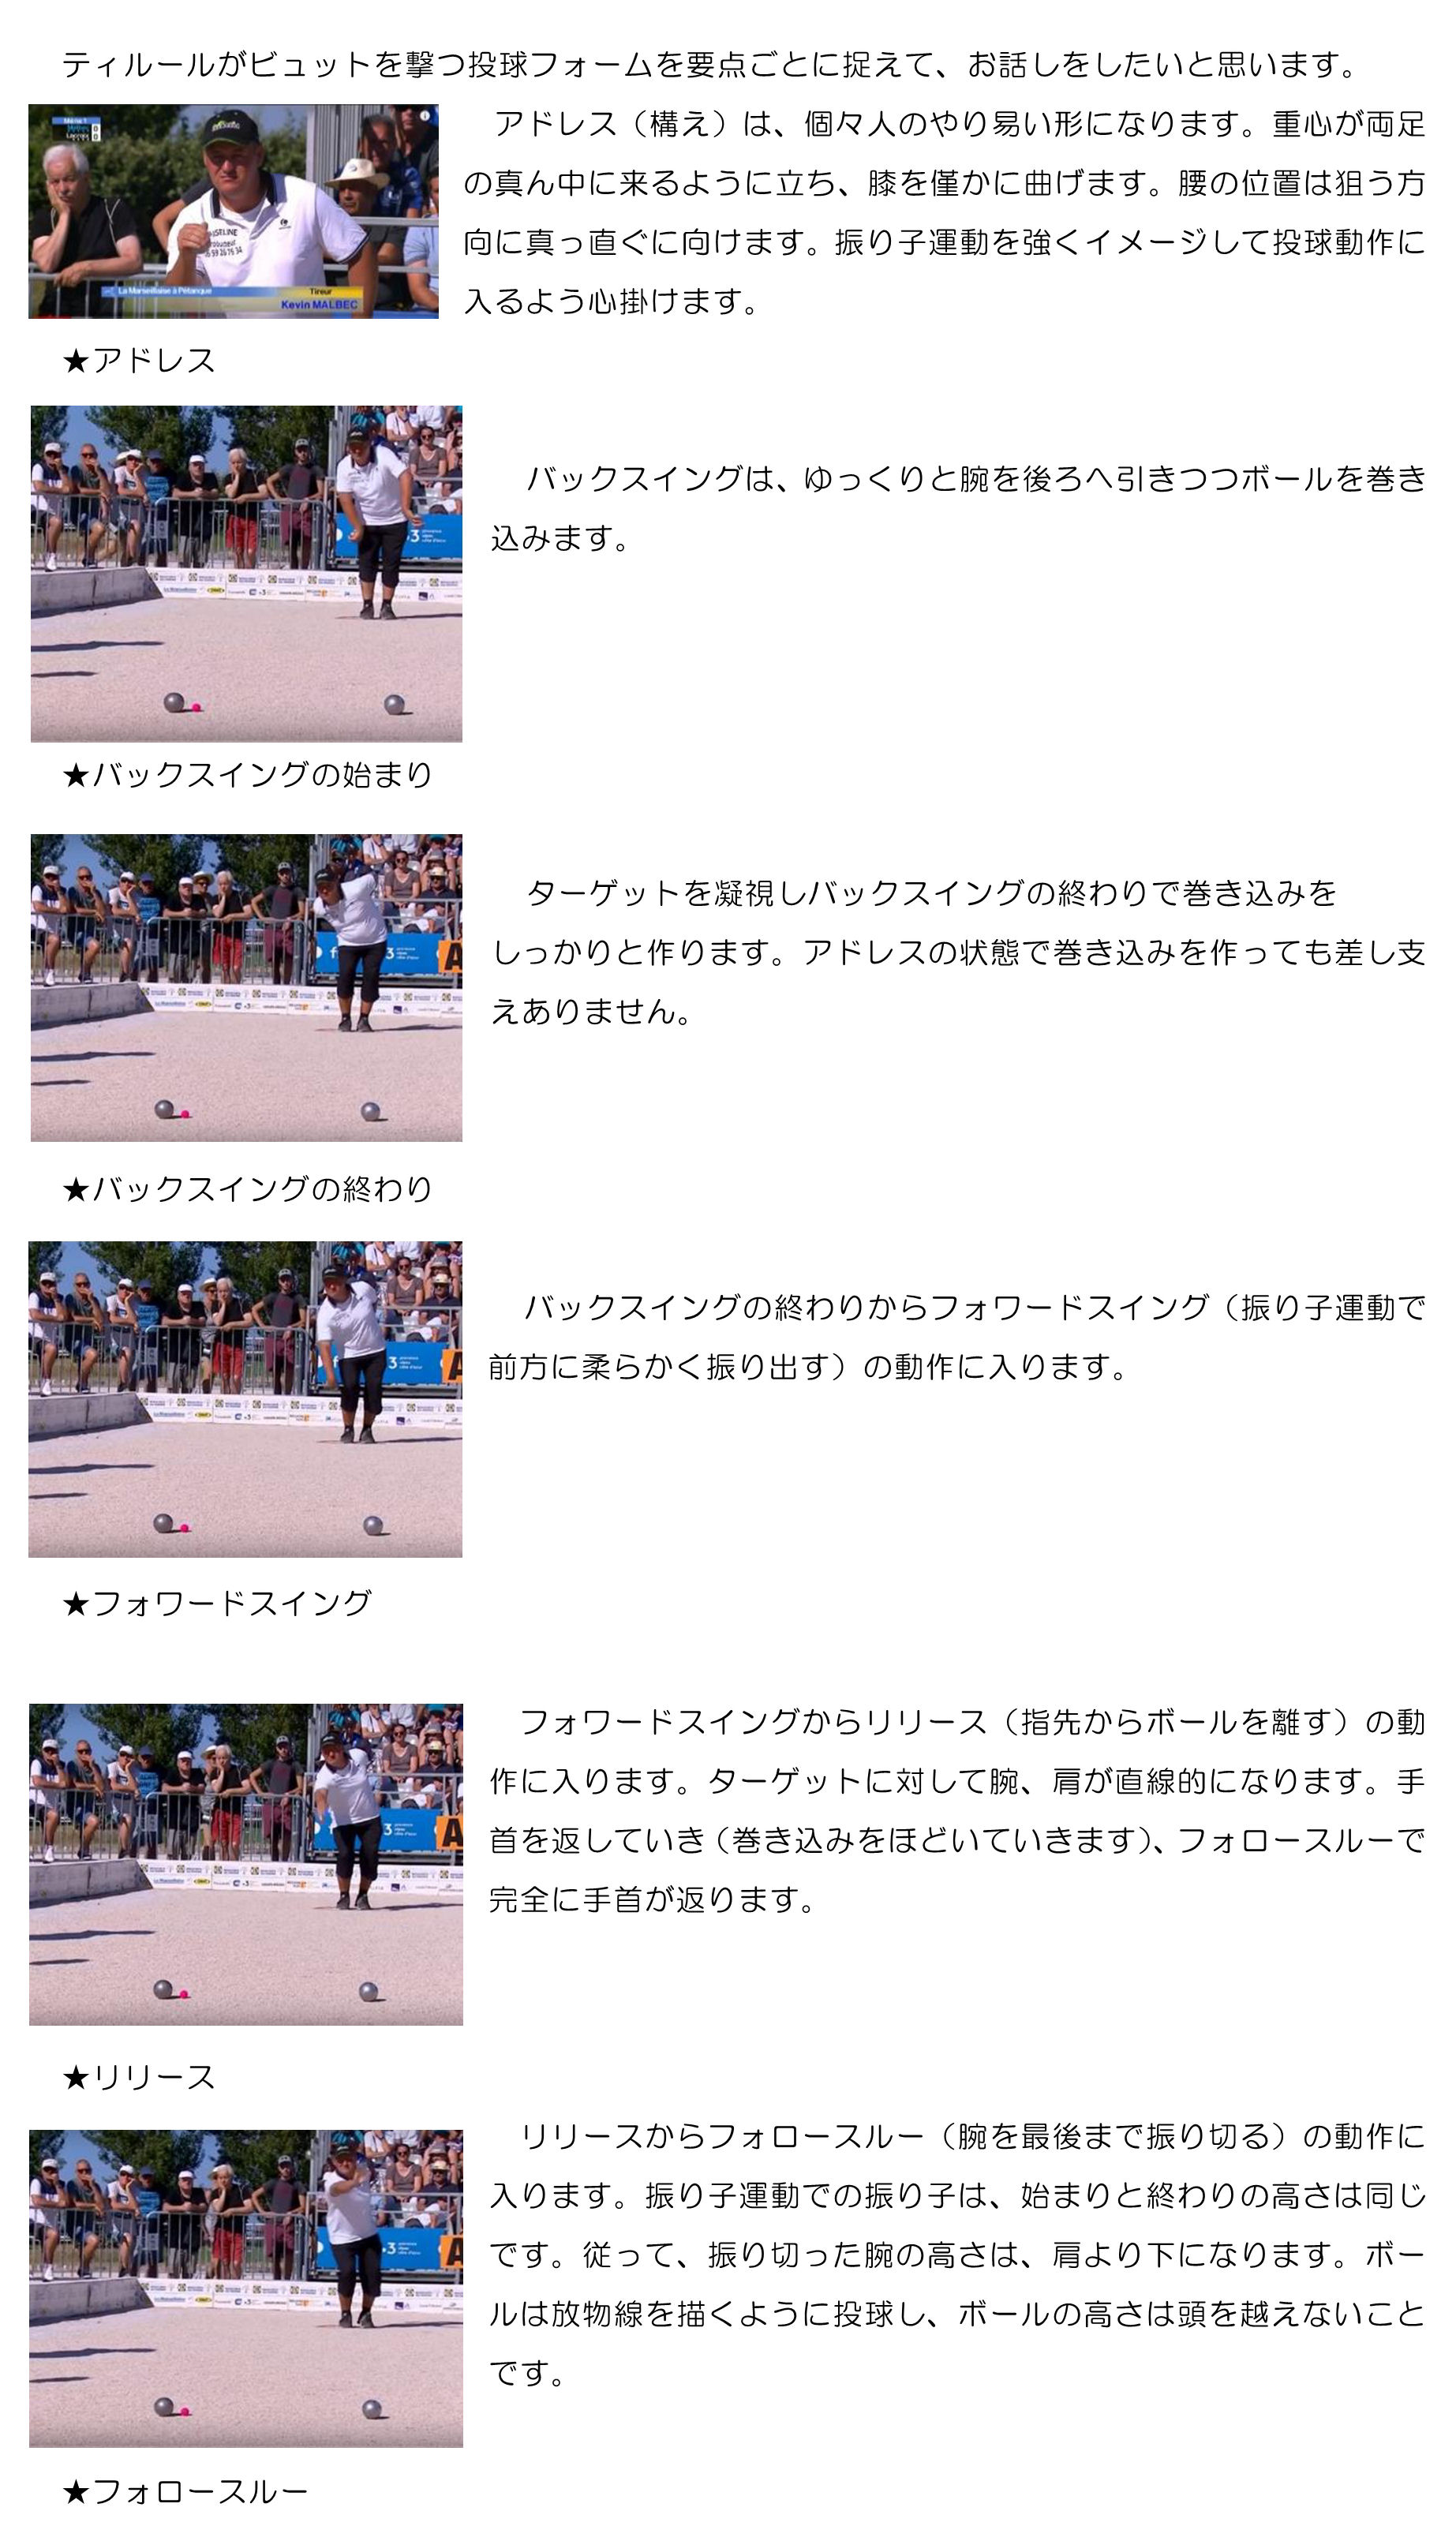 ペタンク四方山話 (その37)-page1